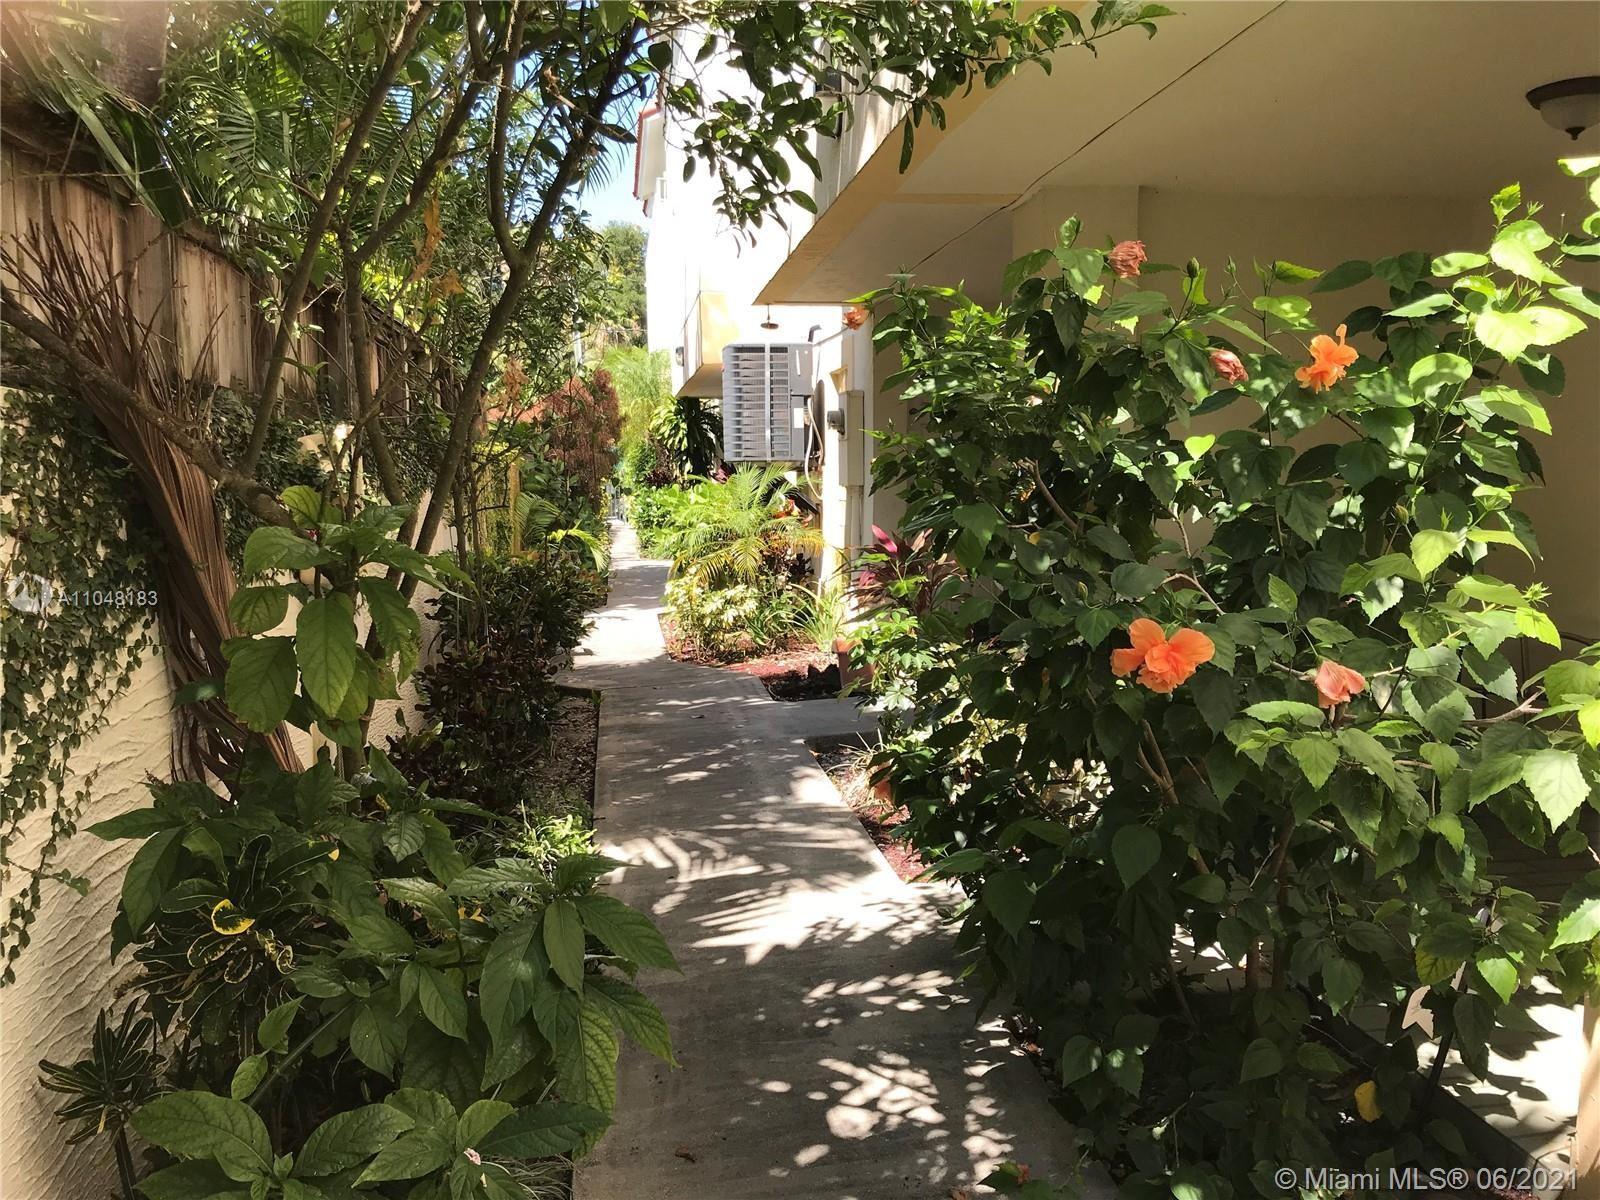 978 NW North River Dr #6, Miami, FL 33136 - #: A11048183